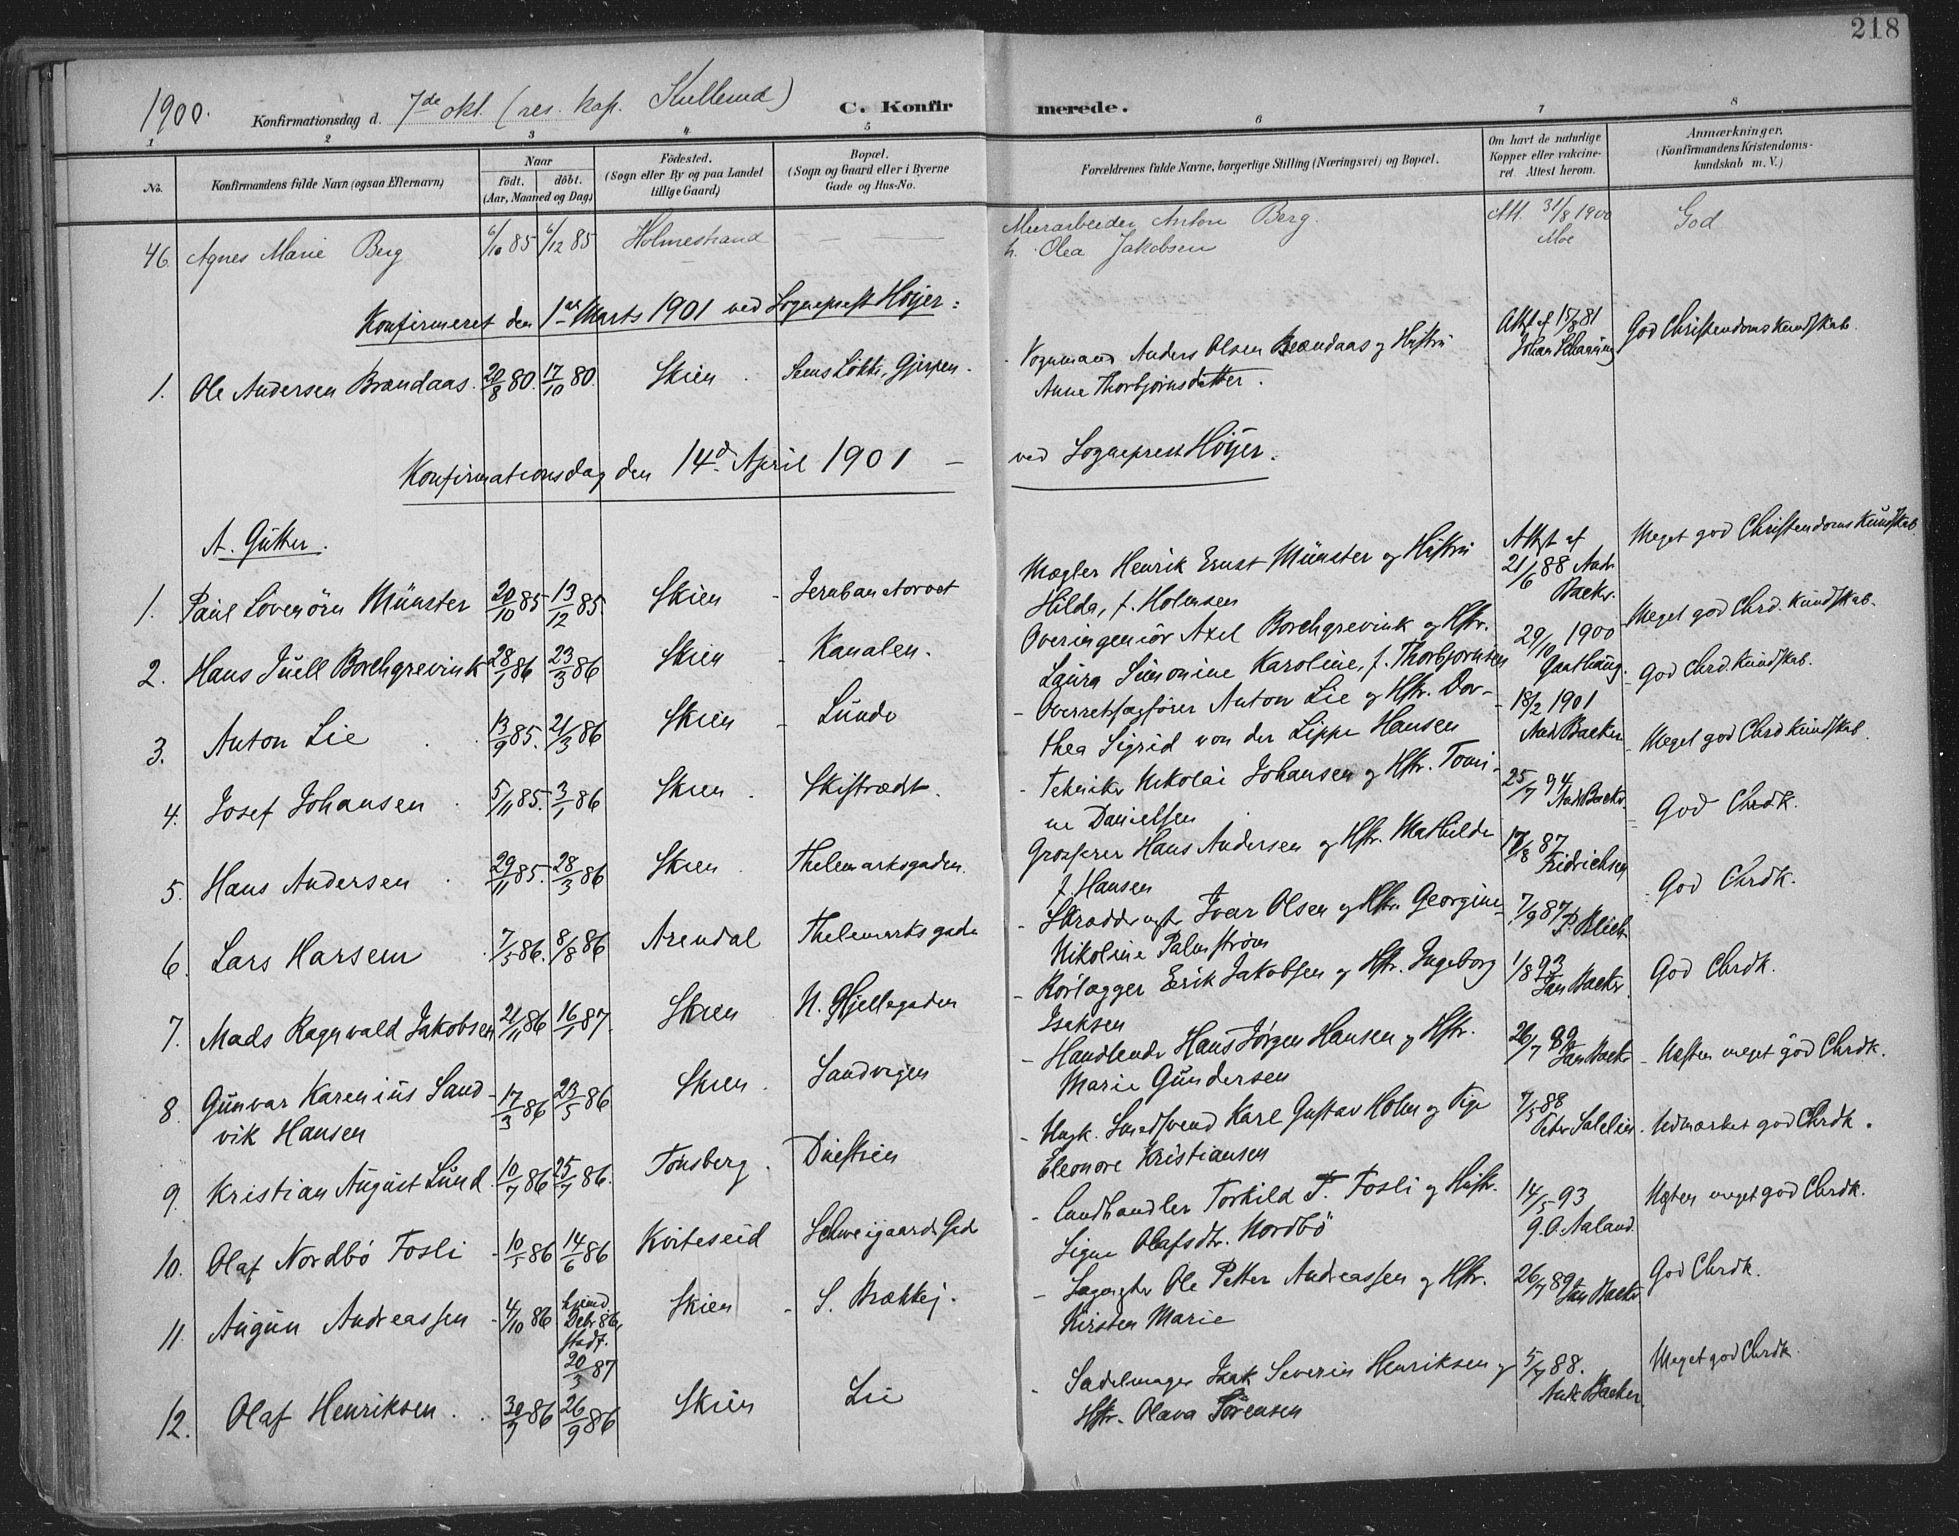 SAKO, Skien kirkebøker, F/Fa/L0011: Ministerialbok nr. 11, 1900-1907, s. 218